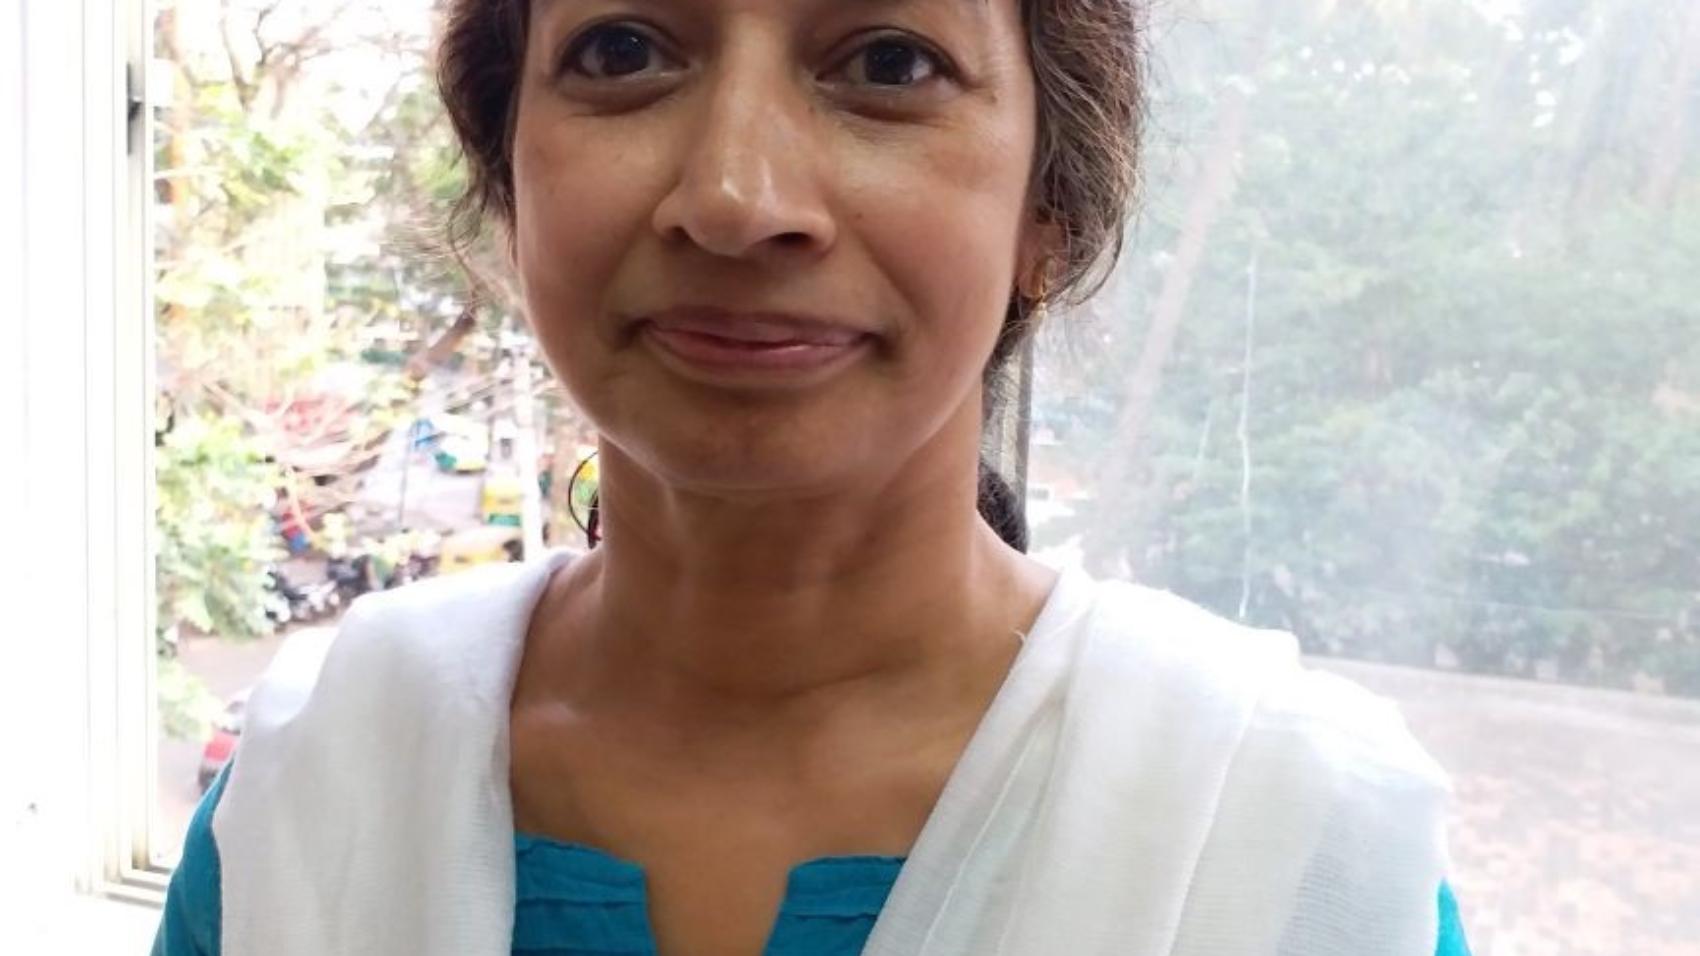 Susheela Volunteer at Counselling in Bangalore for Vishwas